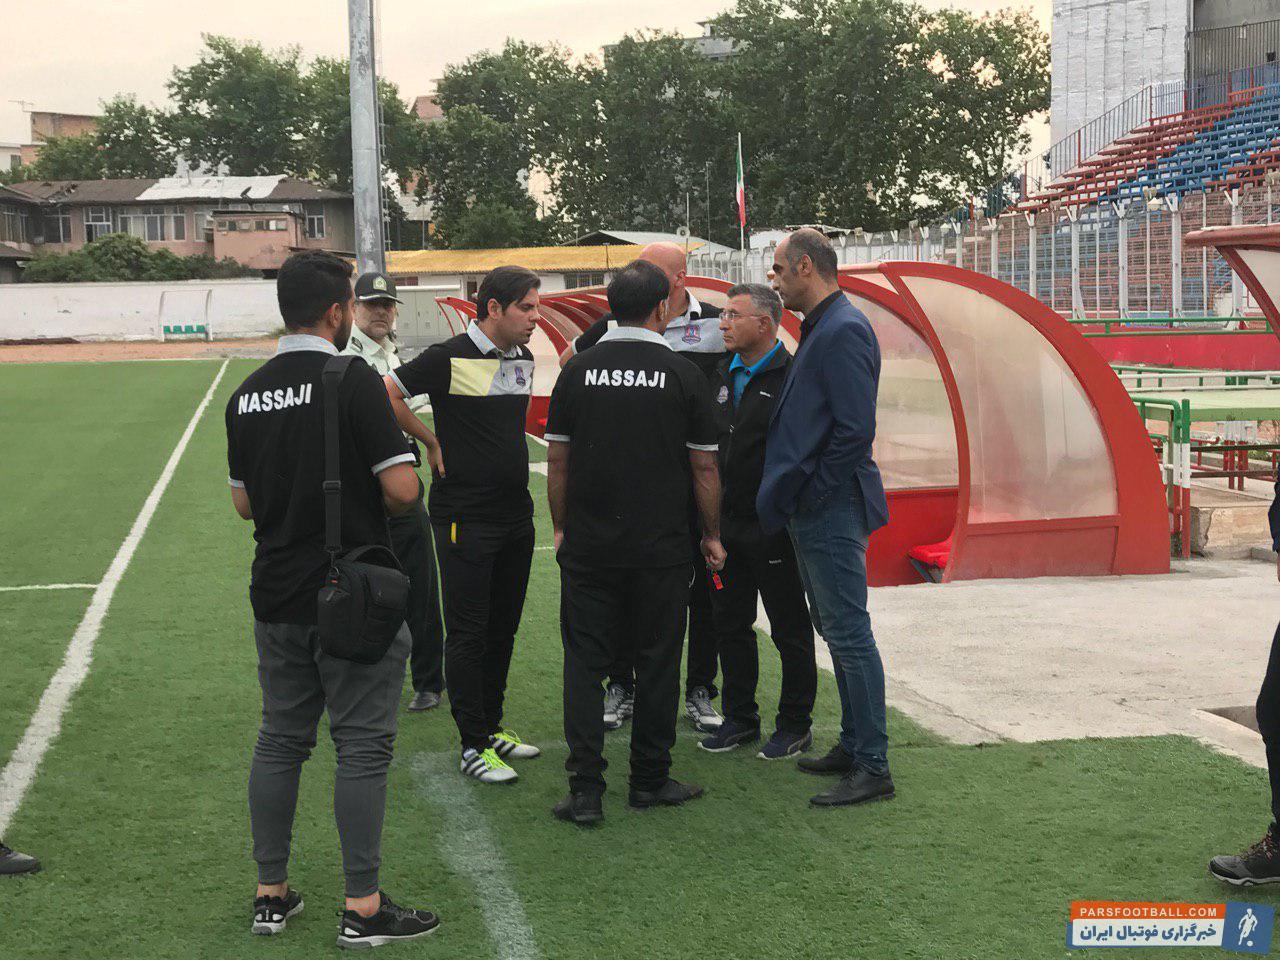 چالش ها و حواشی تیم نساجی حتی در آستانه آخرین بازی تیم در لیگ هجدهم ادامه دارد و مربی و سرپرست نساجی با مشکل ورود به ورزشگاه مواجه شدند.